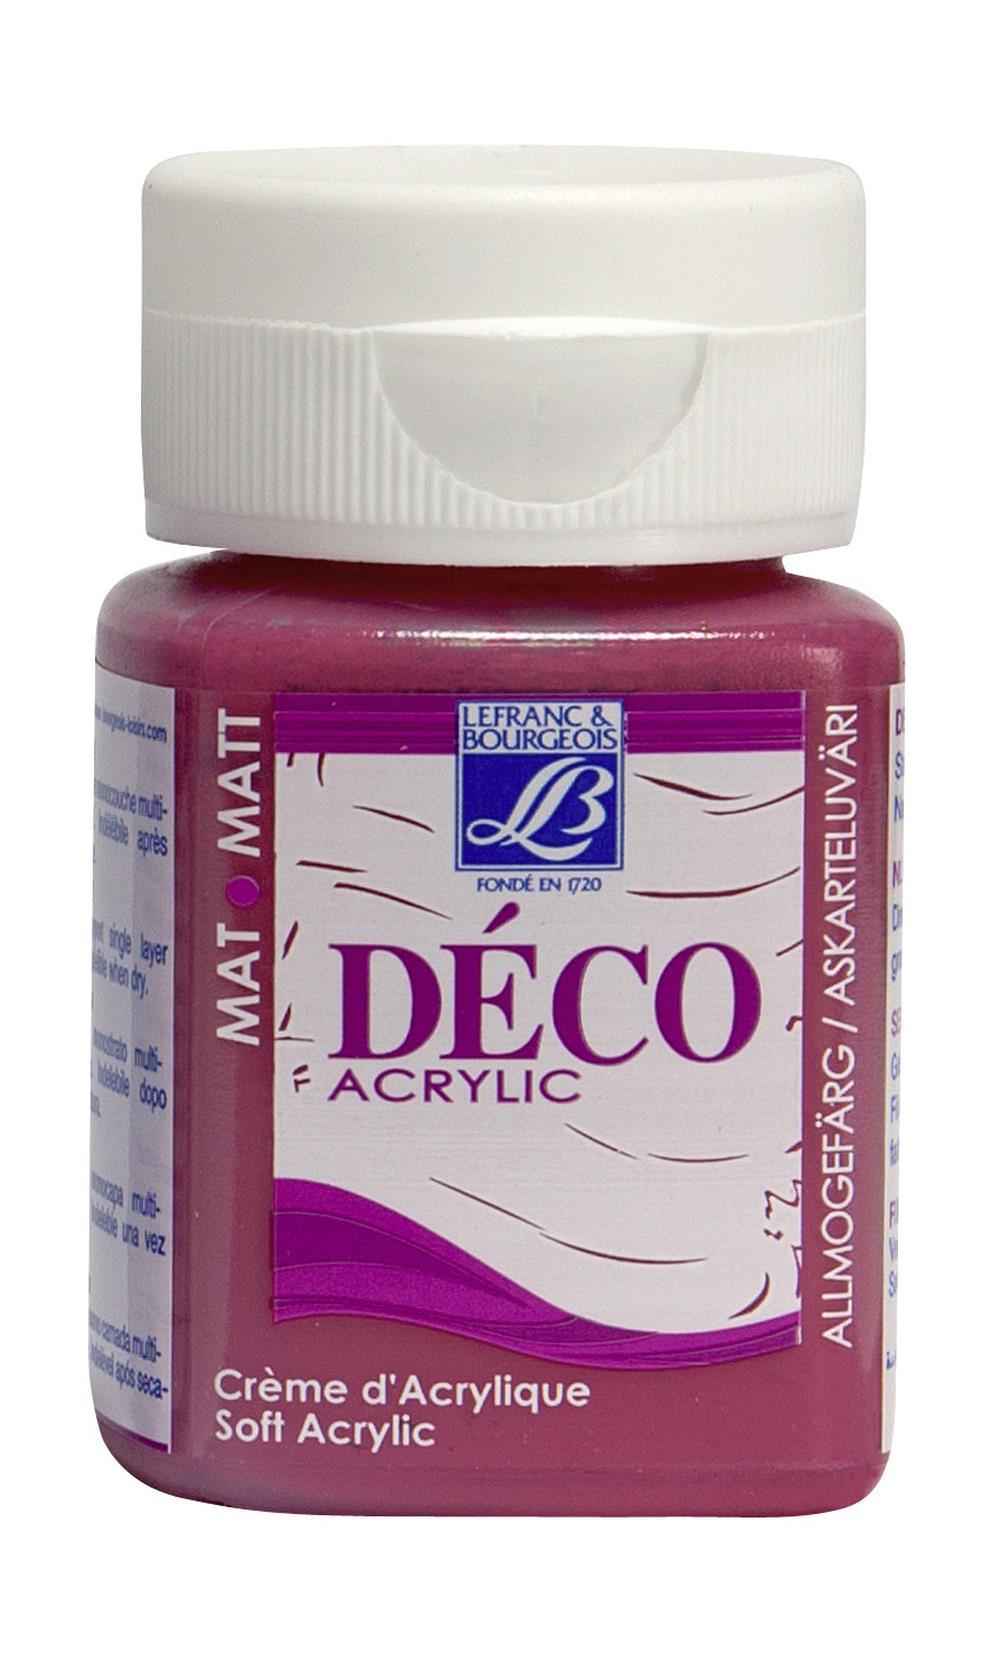 Hobbyfärg L&B Deco Matt Akryl 50ml Fuchsia intensive 443 (4F) Utgår